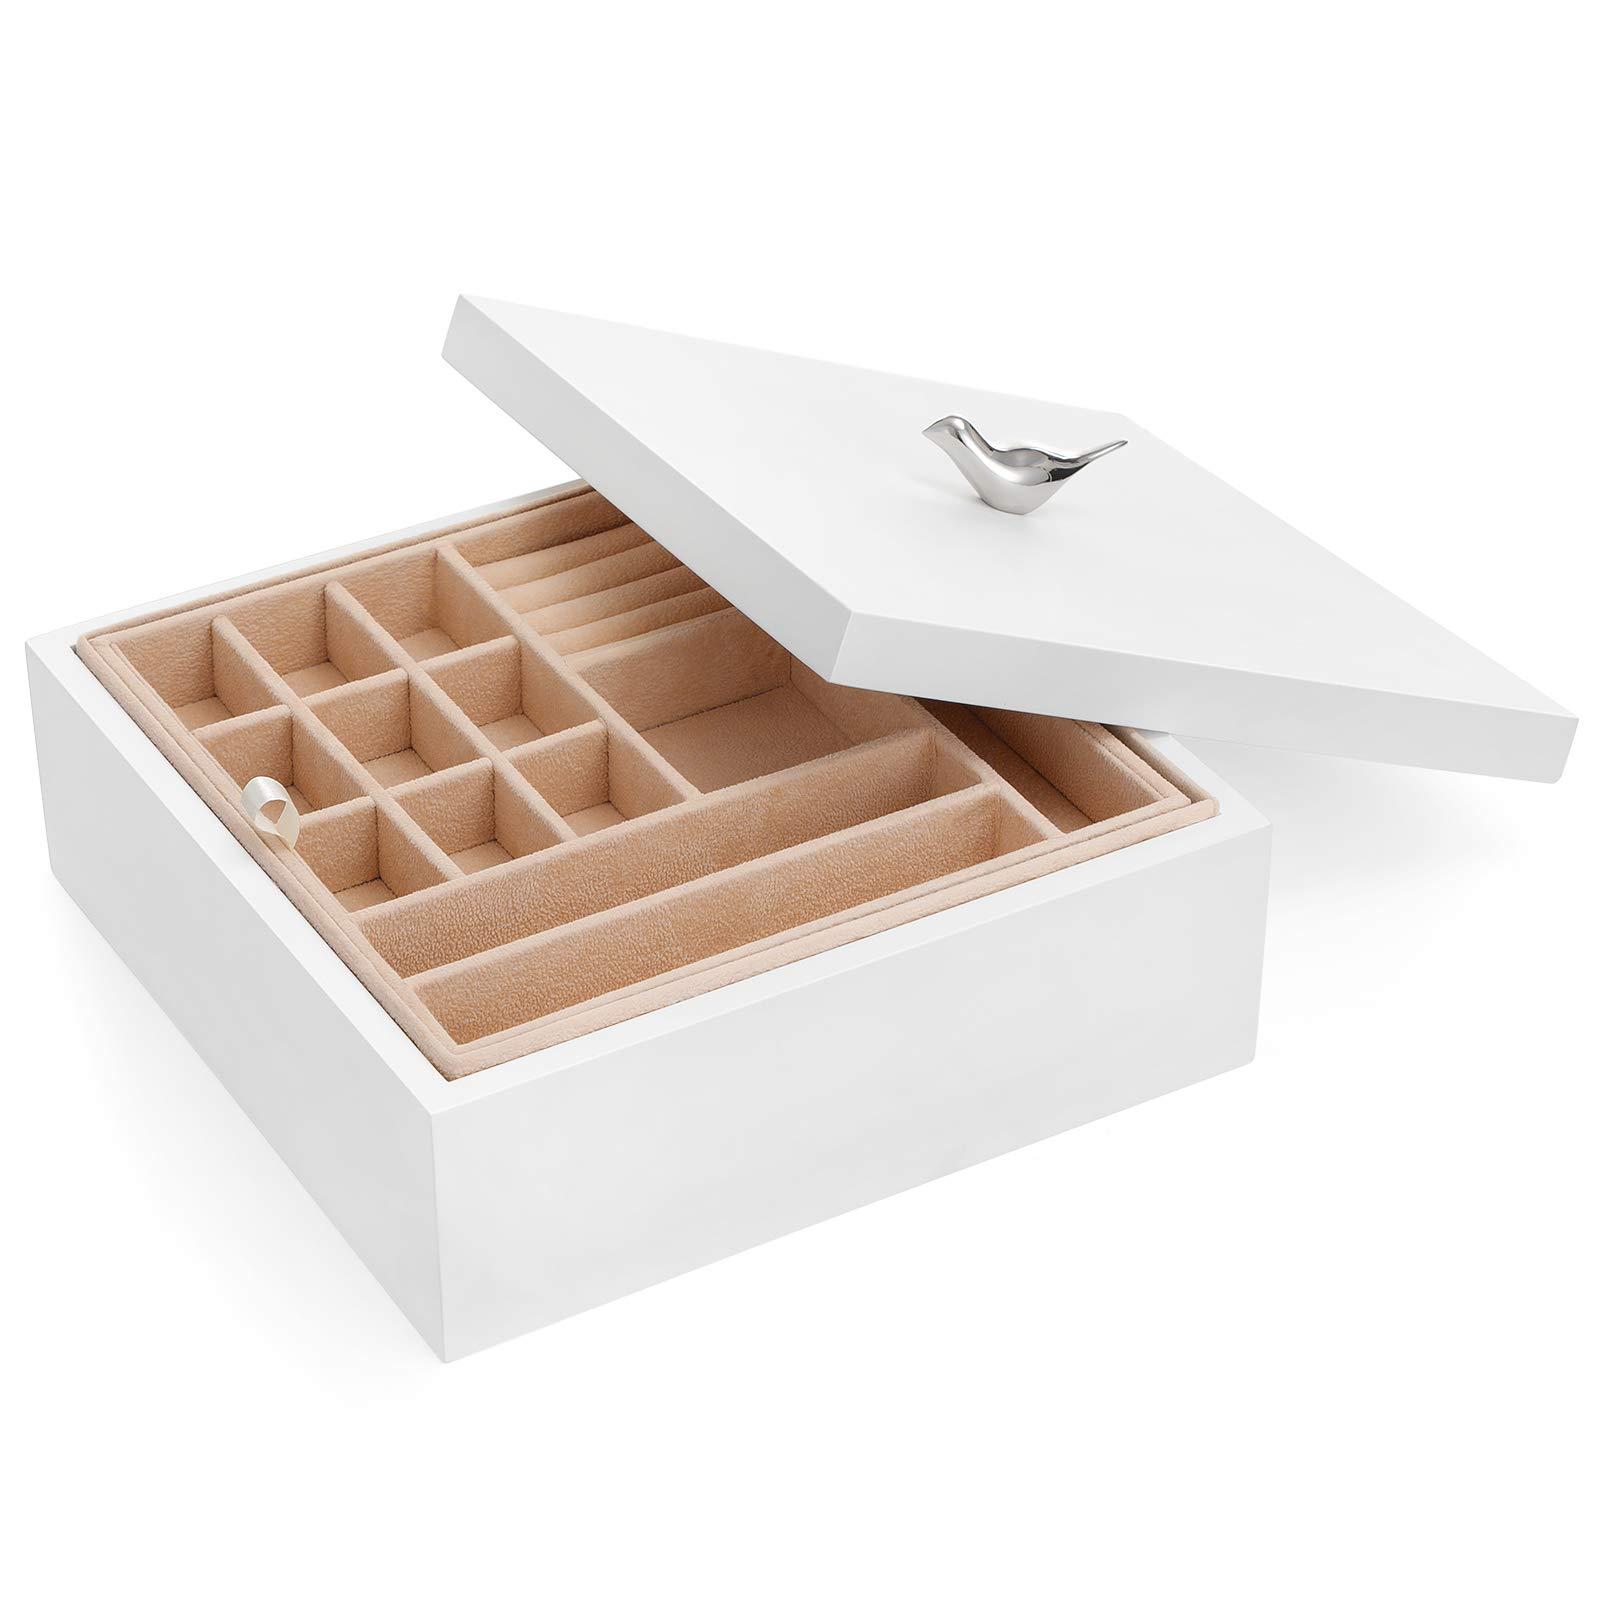 SONGMICS木製ジュエリーボックス、2層ジュエリー取り外し可能なトレイ付き収納ボックス、恋人へのプレゼント、ホワイトUJOW11WT